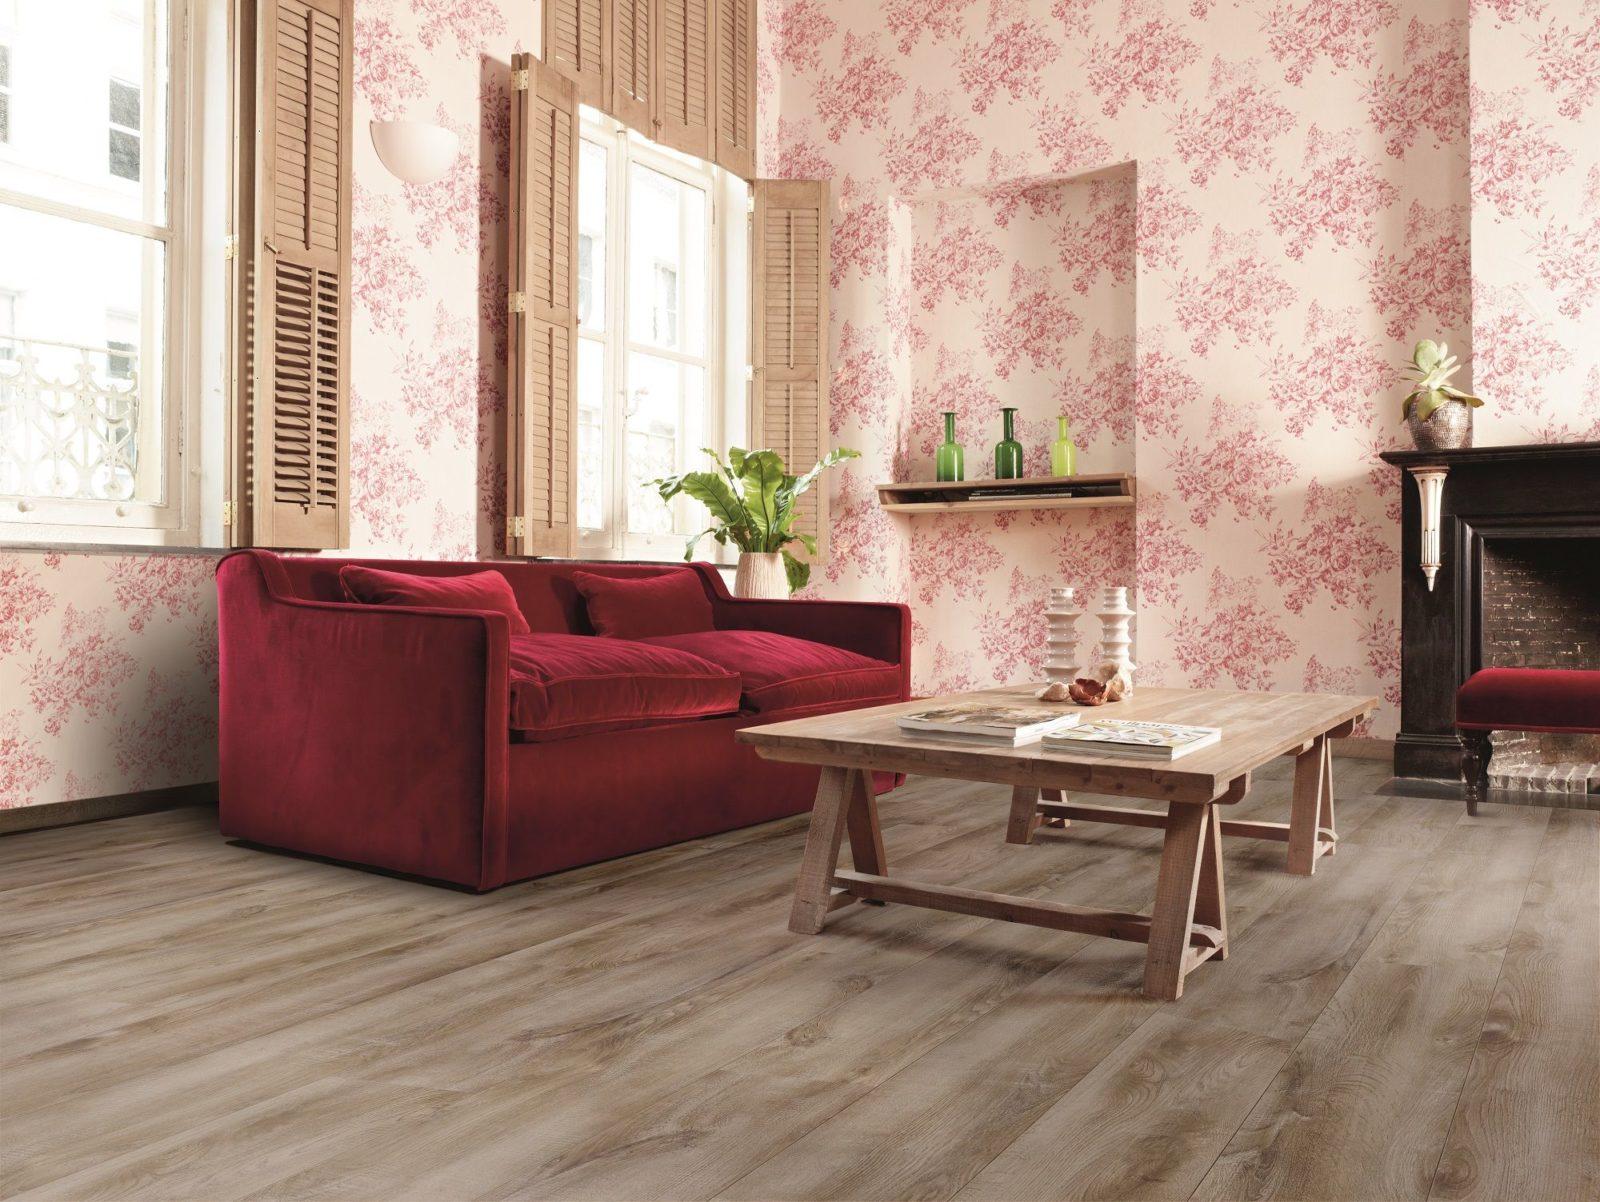 Цвет ламината под мебель